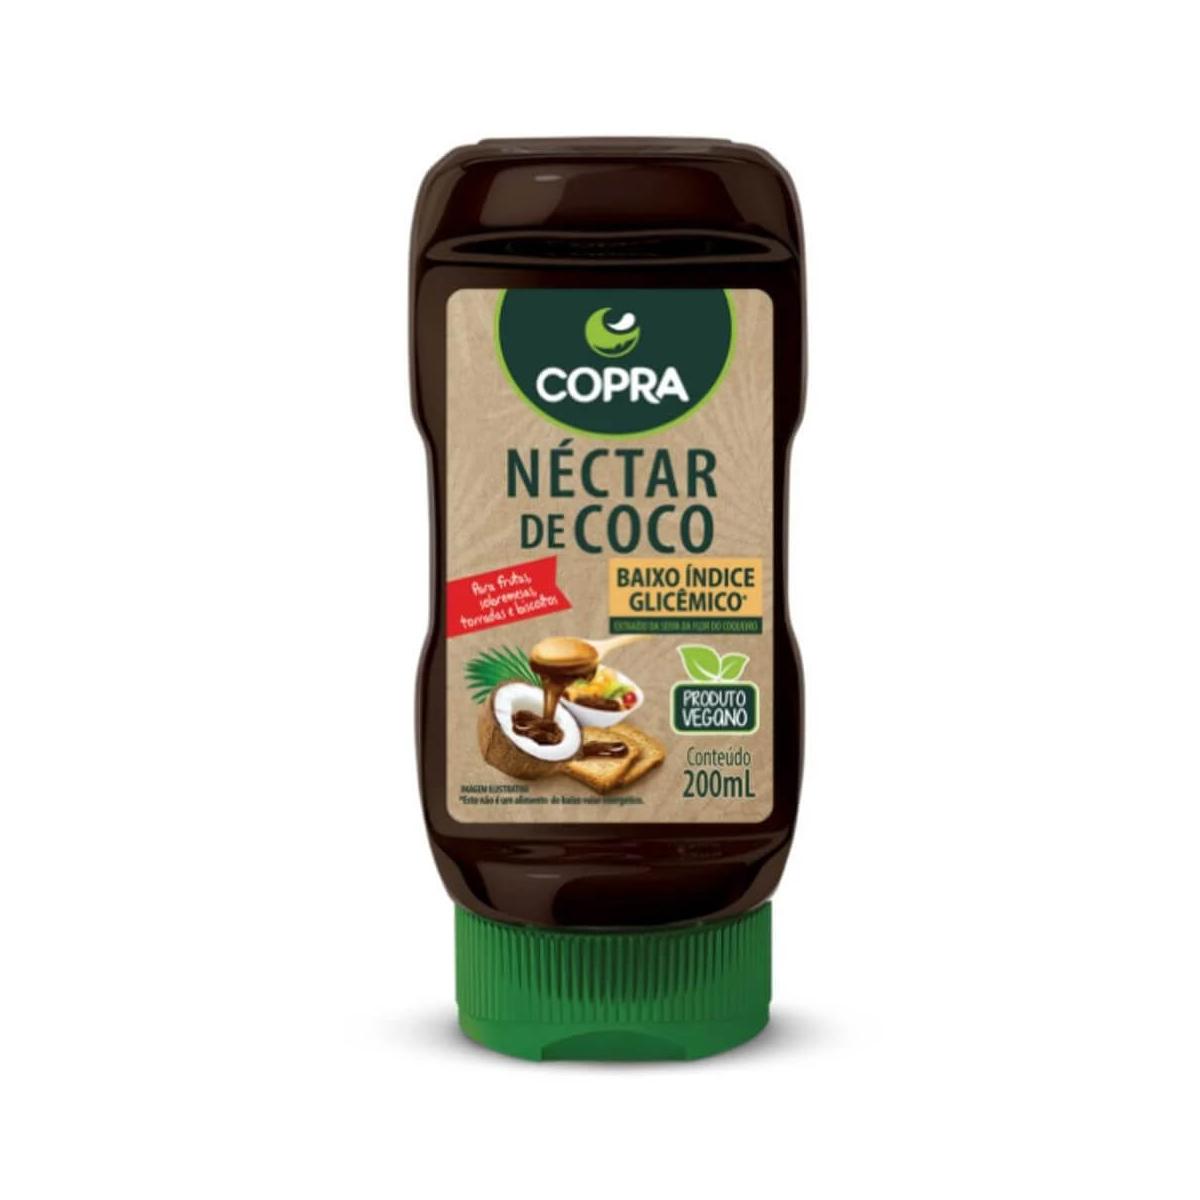 Néctar de Coco 200ml - Copra